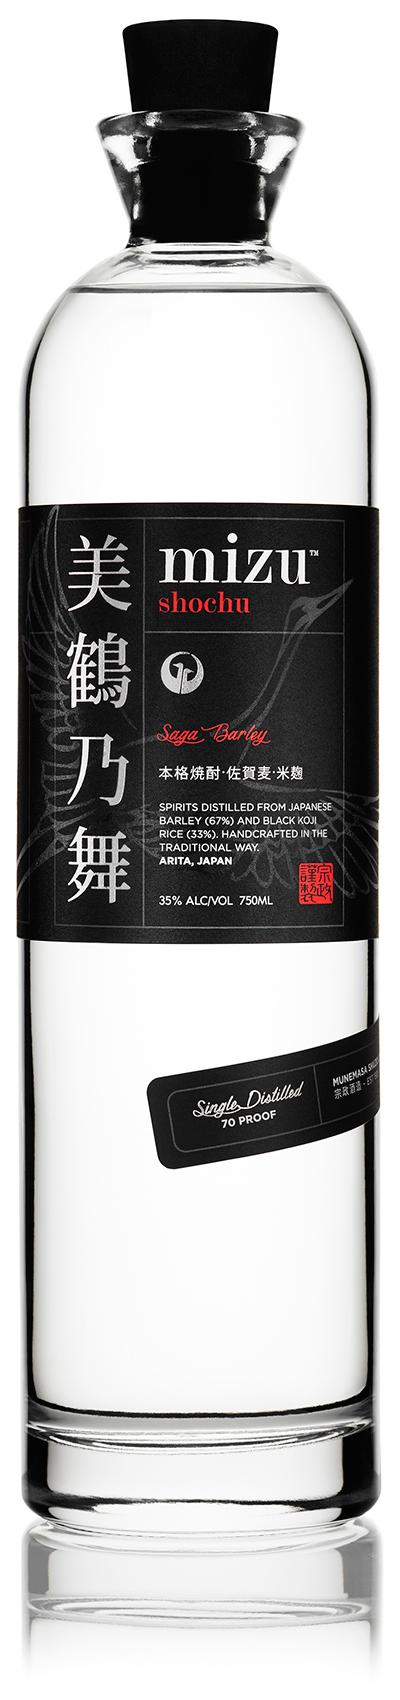 Mizu Shochu Saga Barley 750Ml